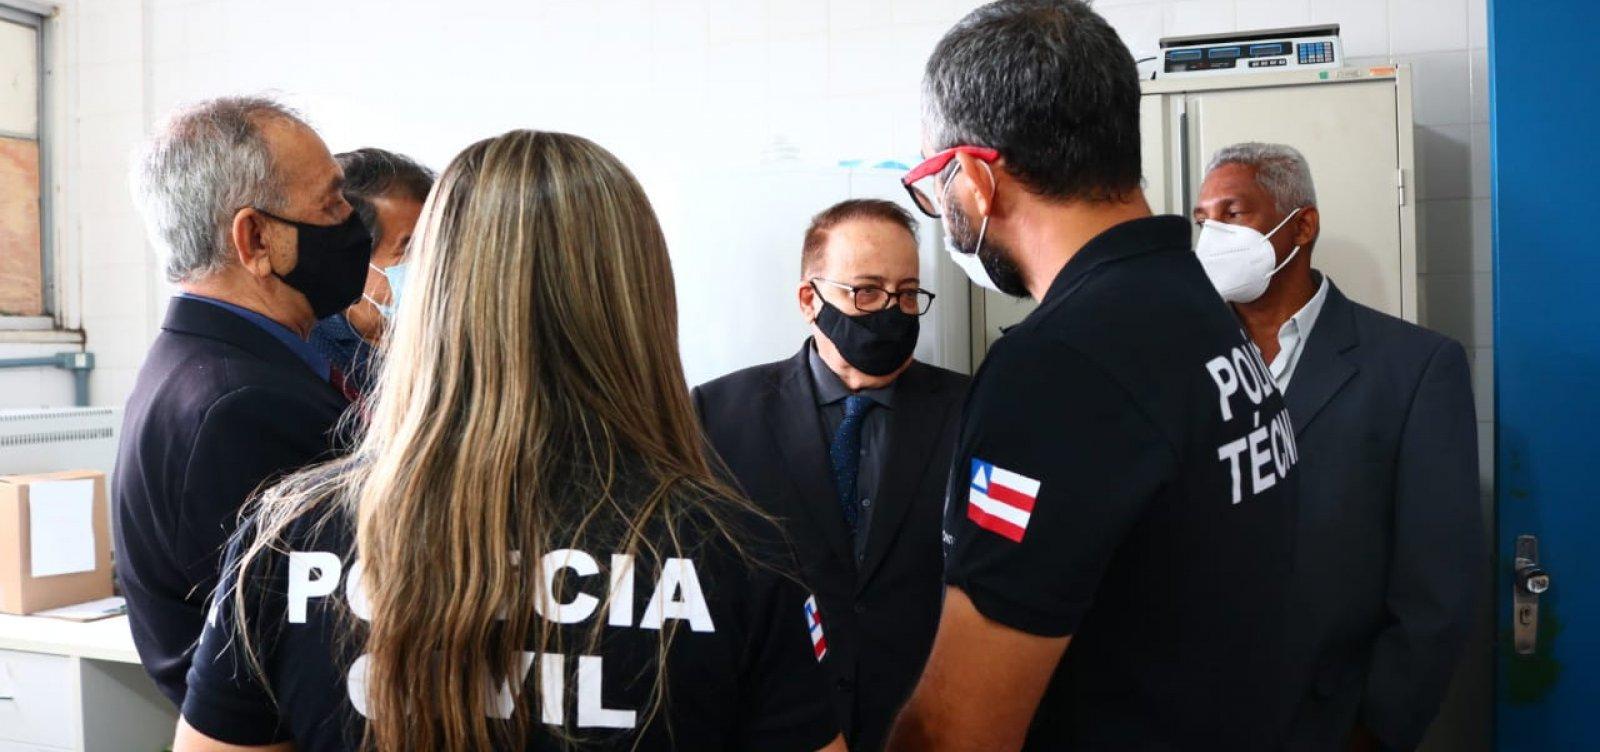 Delegada indica participação de gerente dos seguranças na morte de tio e sobrinho no 'caso Atakarejo'